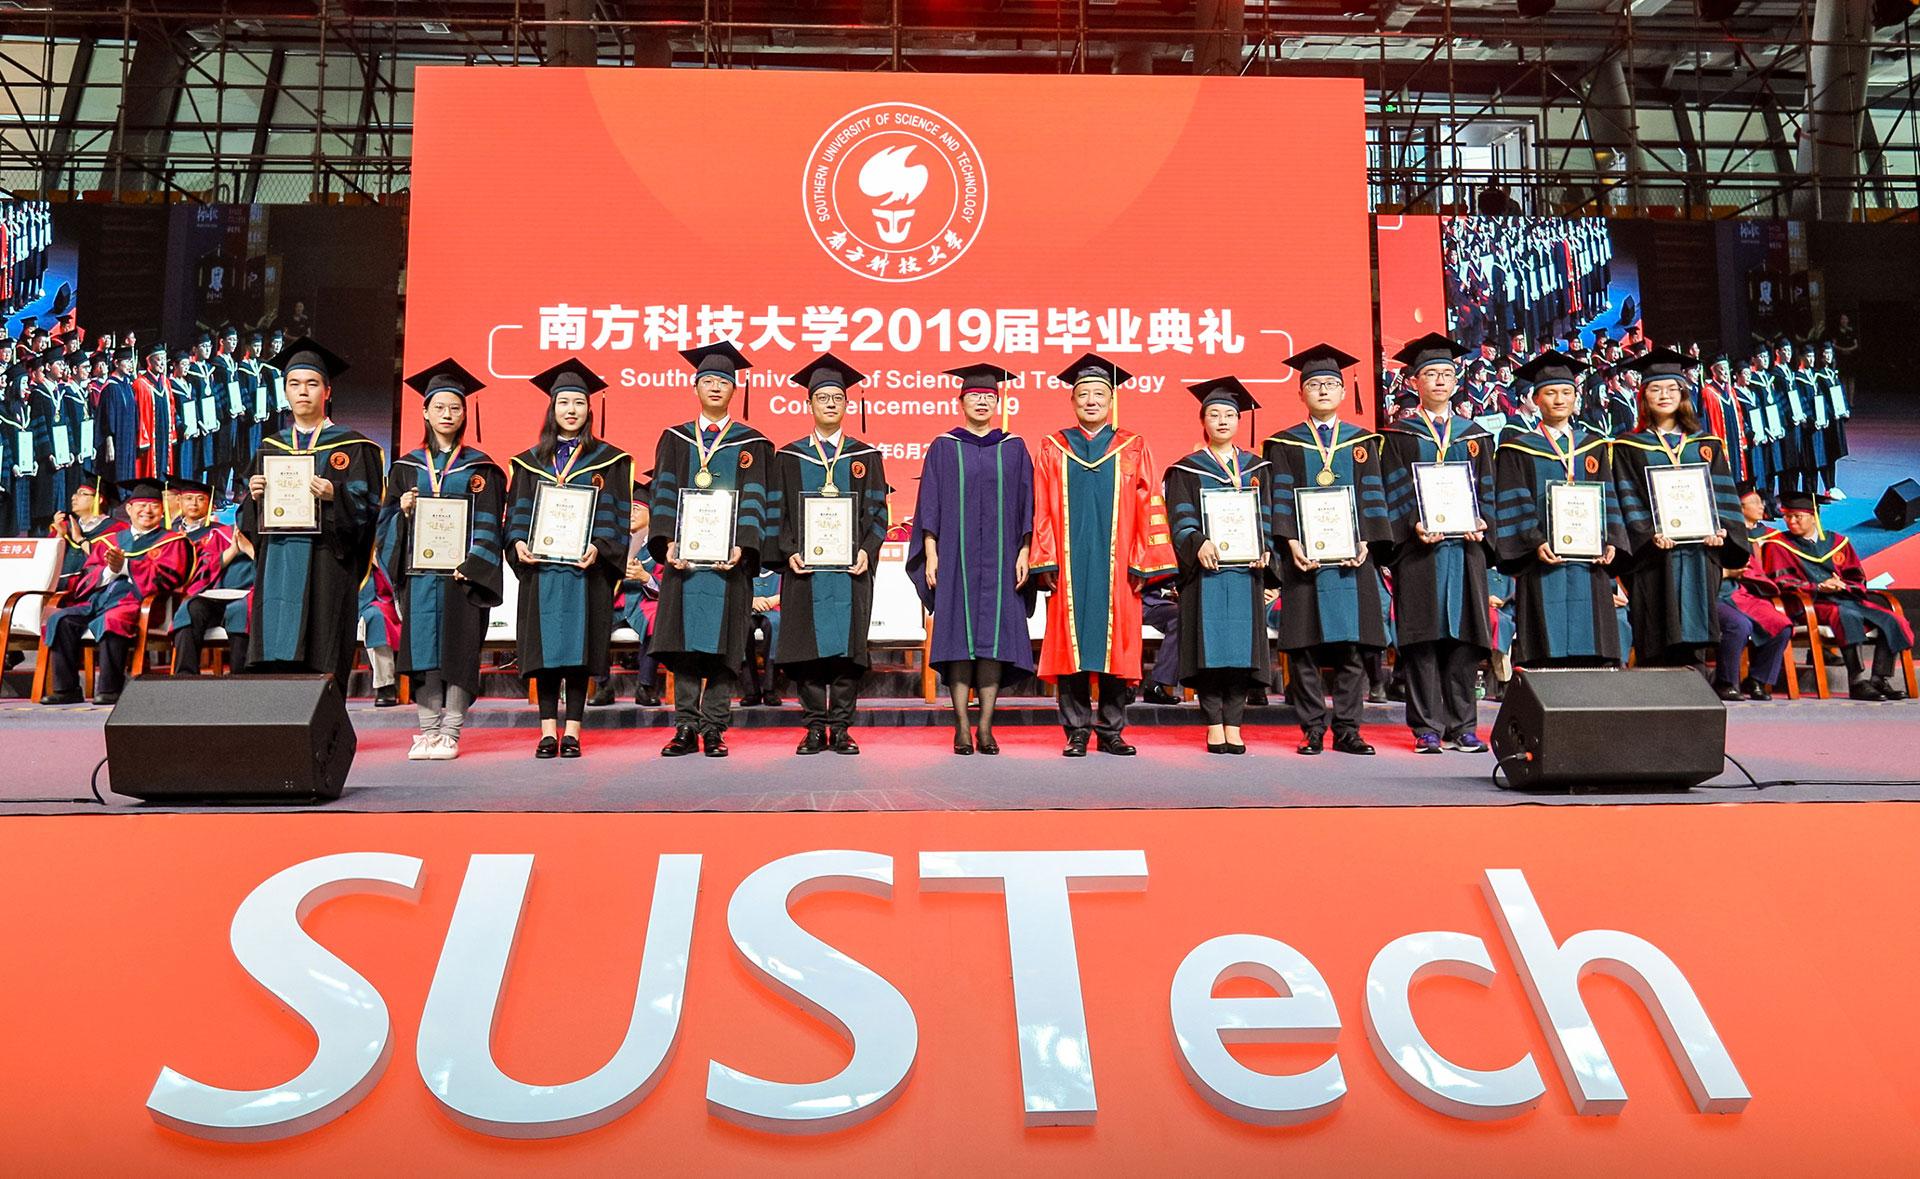 输入图片:在2019年毕业典礼上,陈十一校长与郭雨蓉书记为十佳毕业生颁发证书/南方科技大学